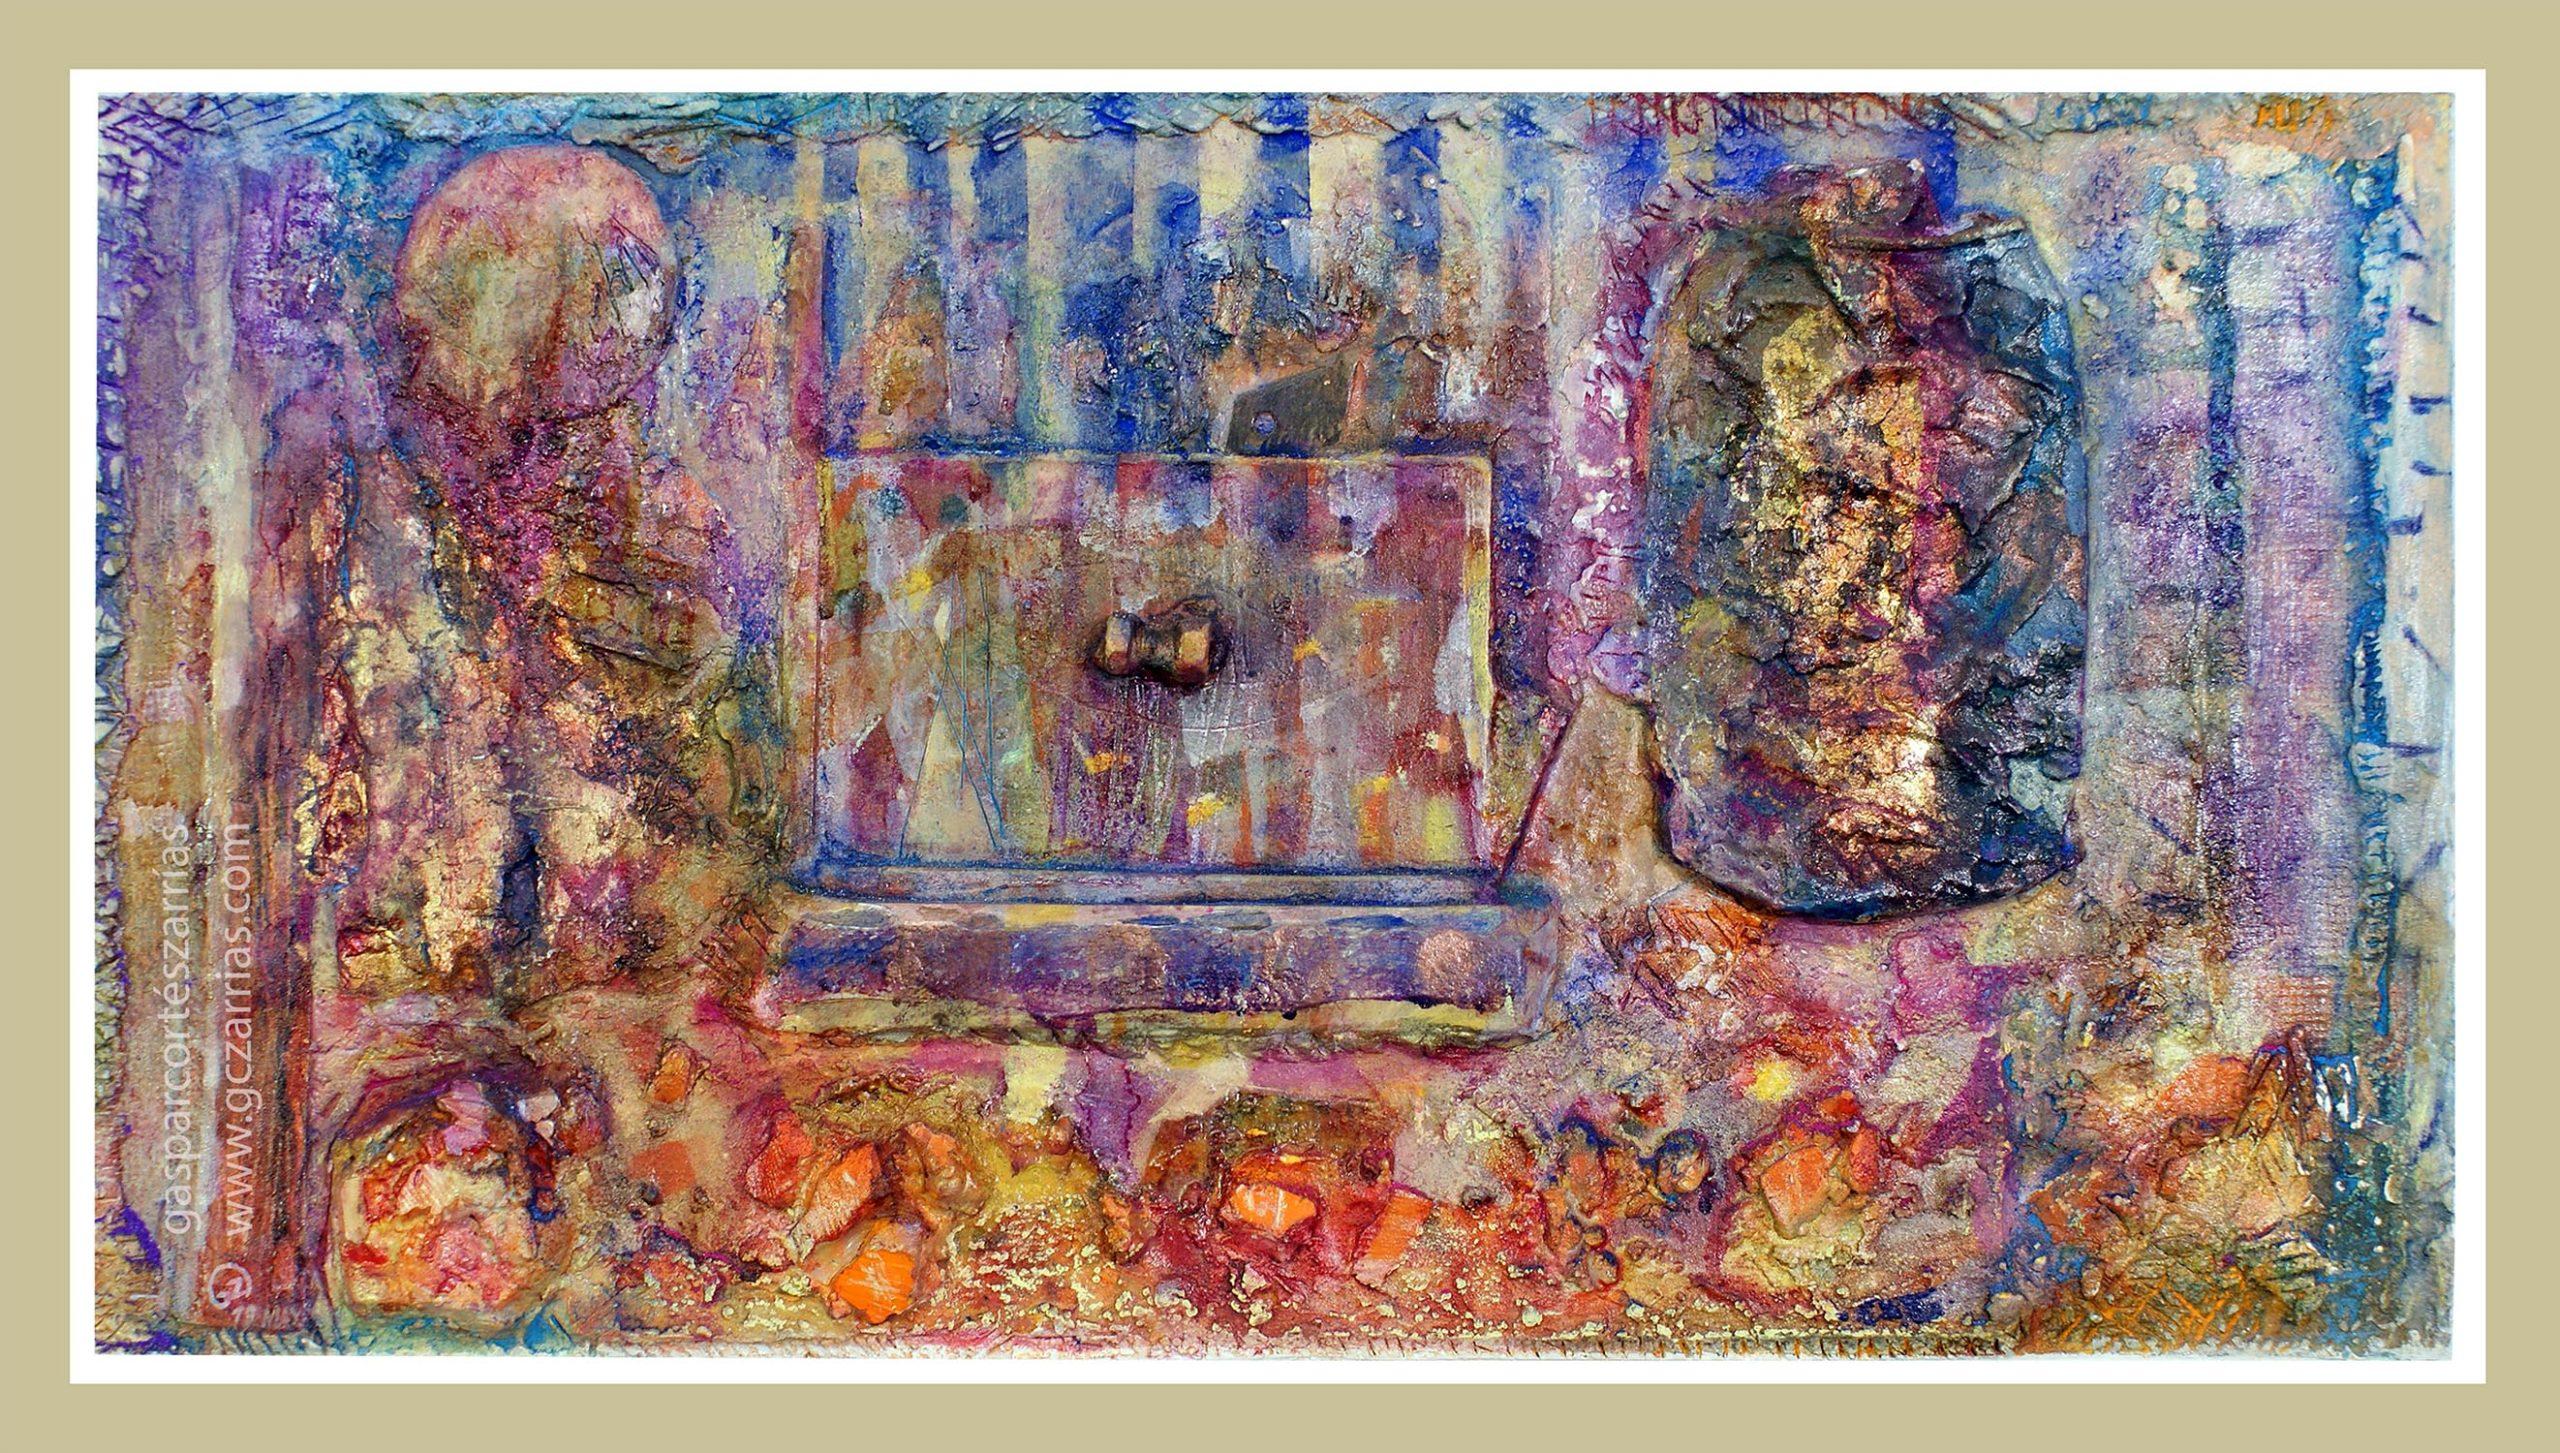 BREVE SECUENCIA DE TIEMPO I. Metal oxidado, metacrilato, madera, objetos diversos, polvo de mármol, esmalte, óleo, ácido, pan de oro... sobre madera ensamblada y preparada. 31,5x56,5cm. 2019.